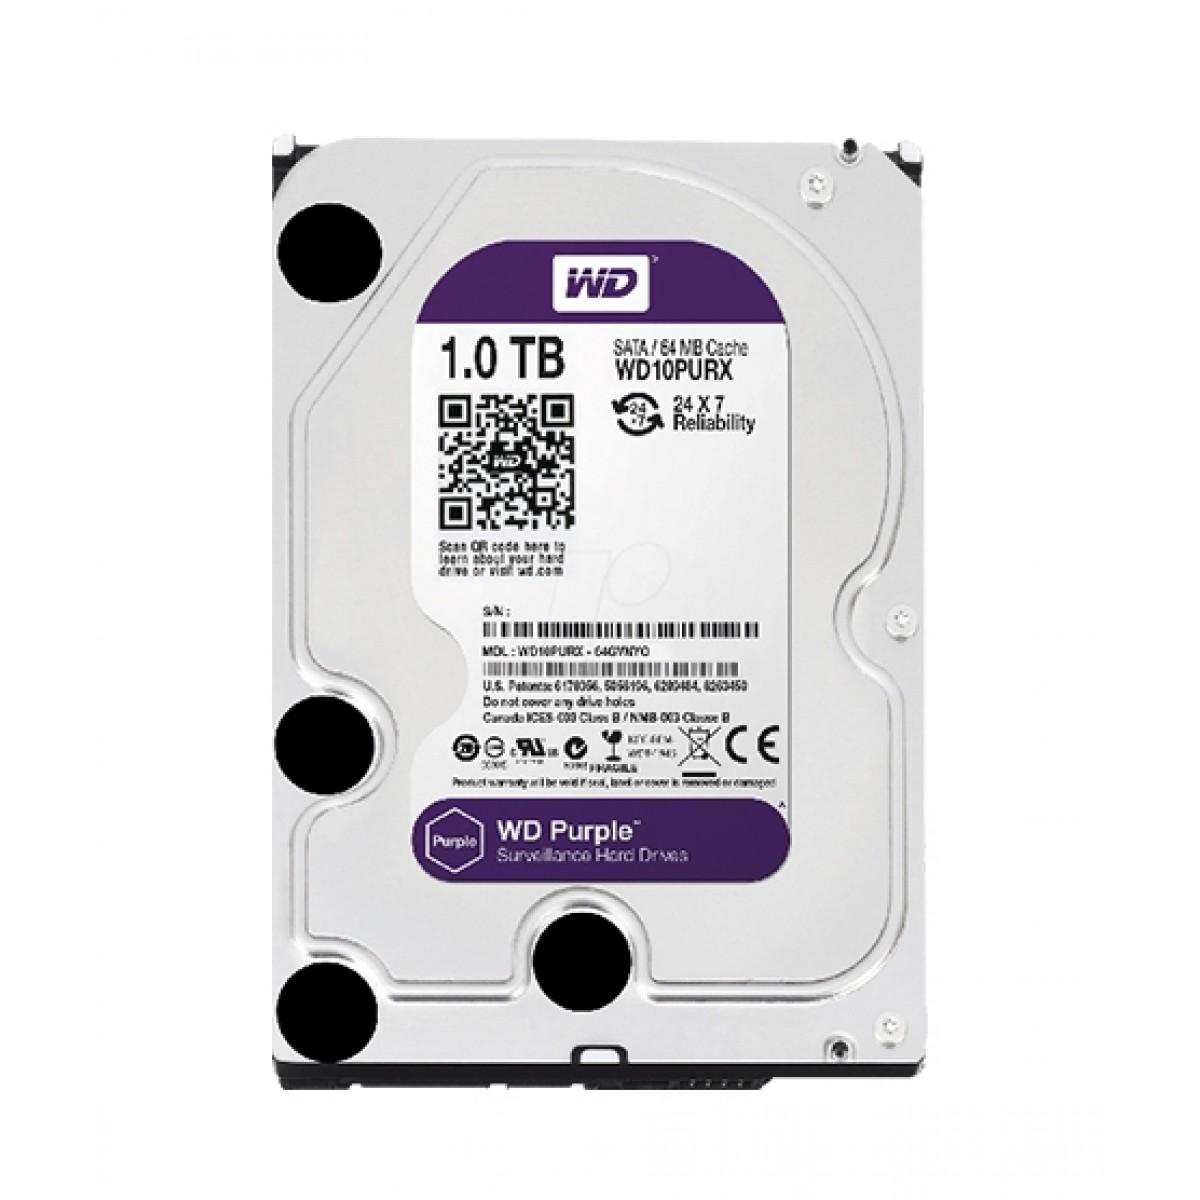 WD Purple 1TB SATA Surveillance Internal Hard Drive